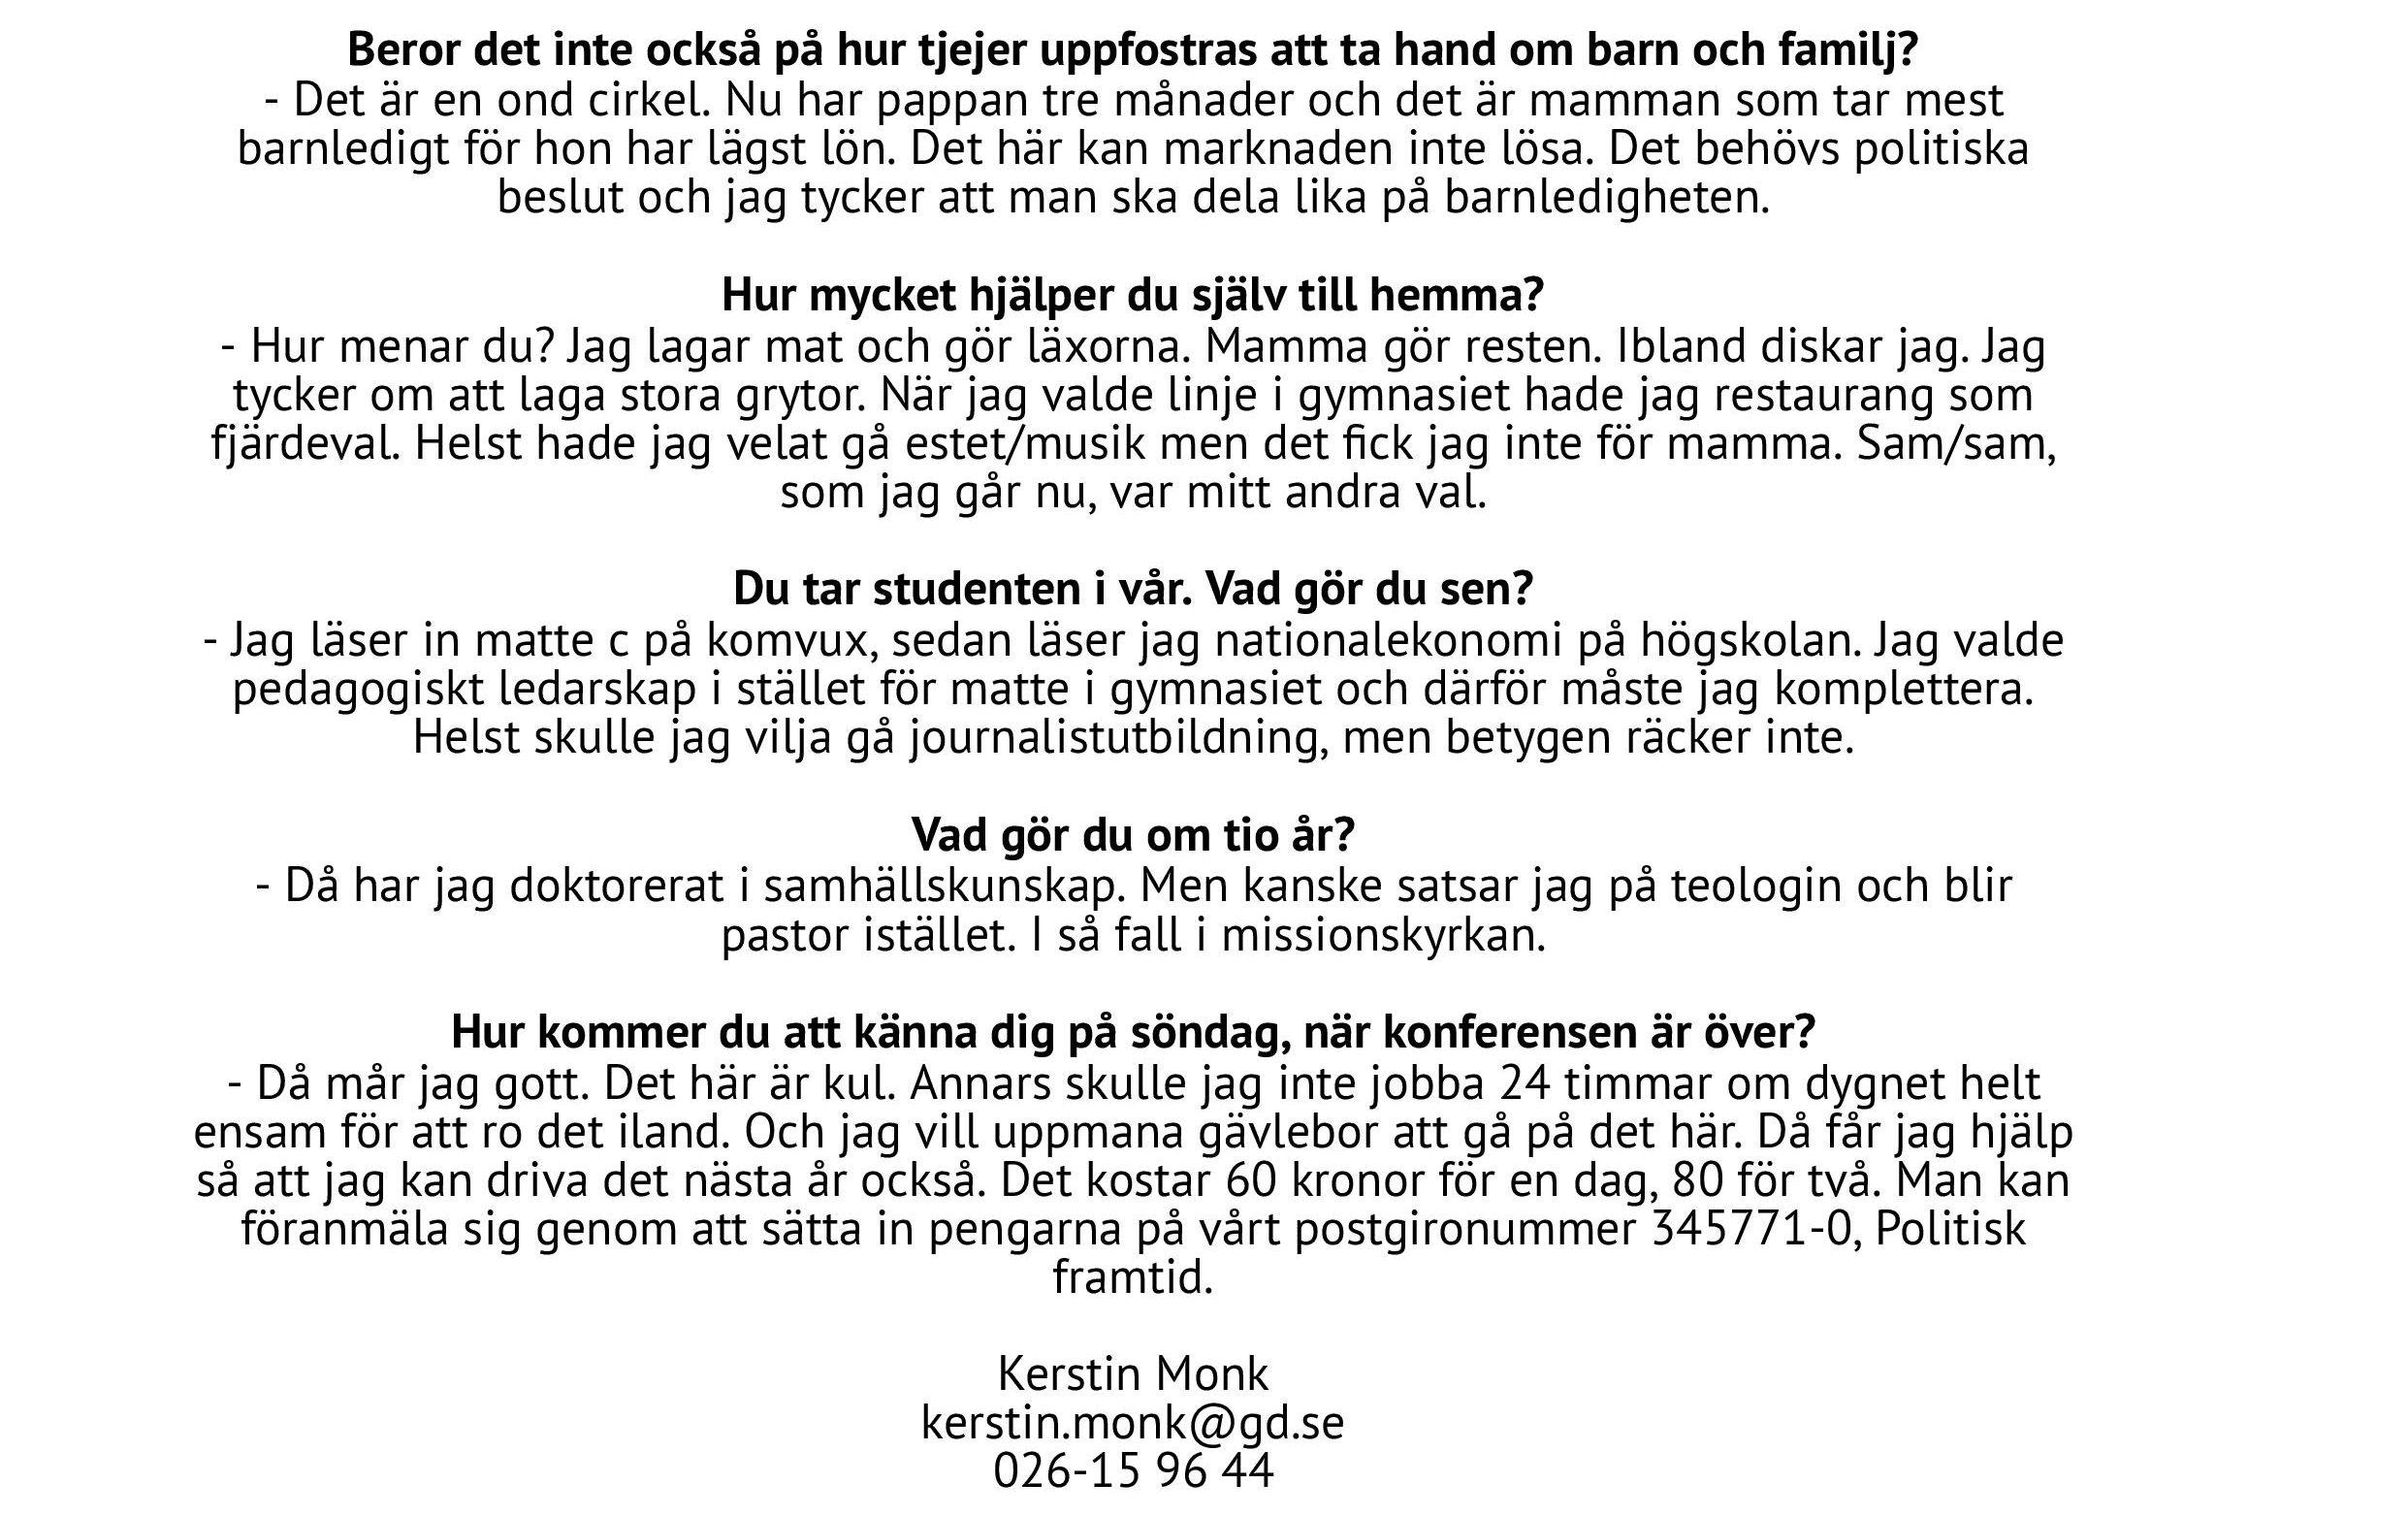 PO Flodström pastorsdrömmar